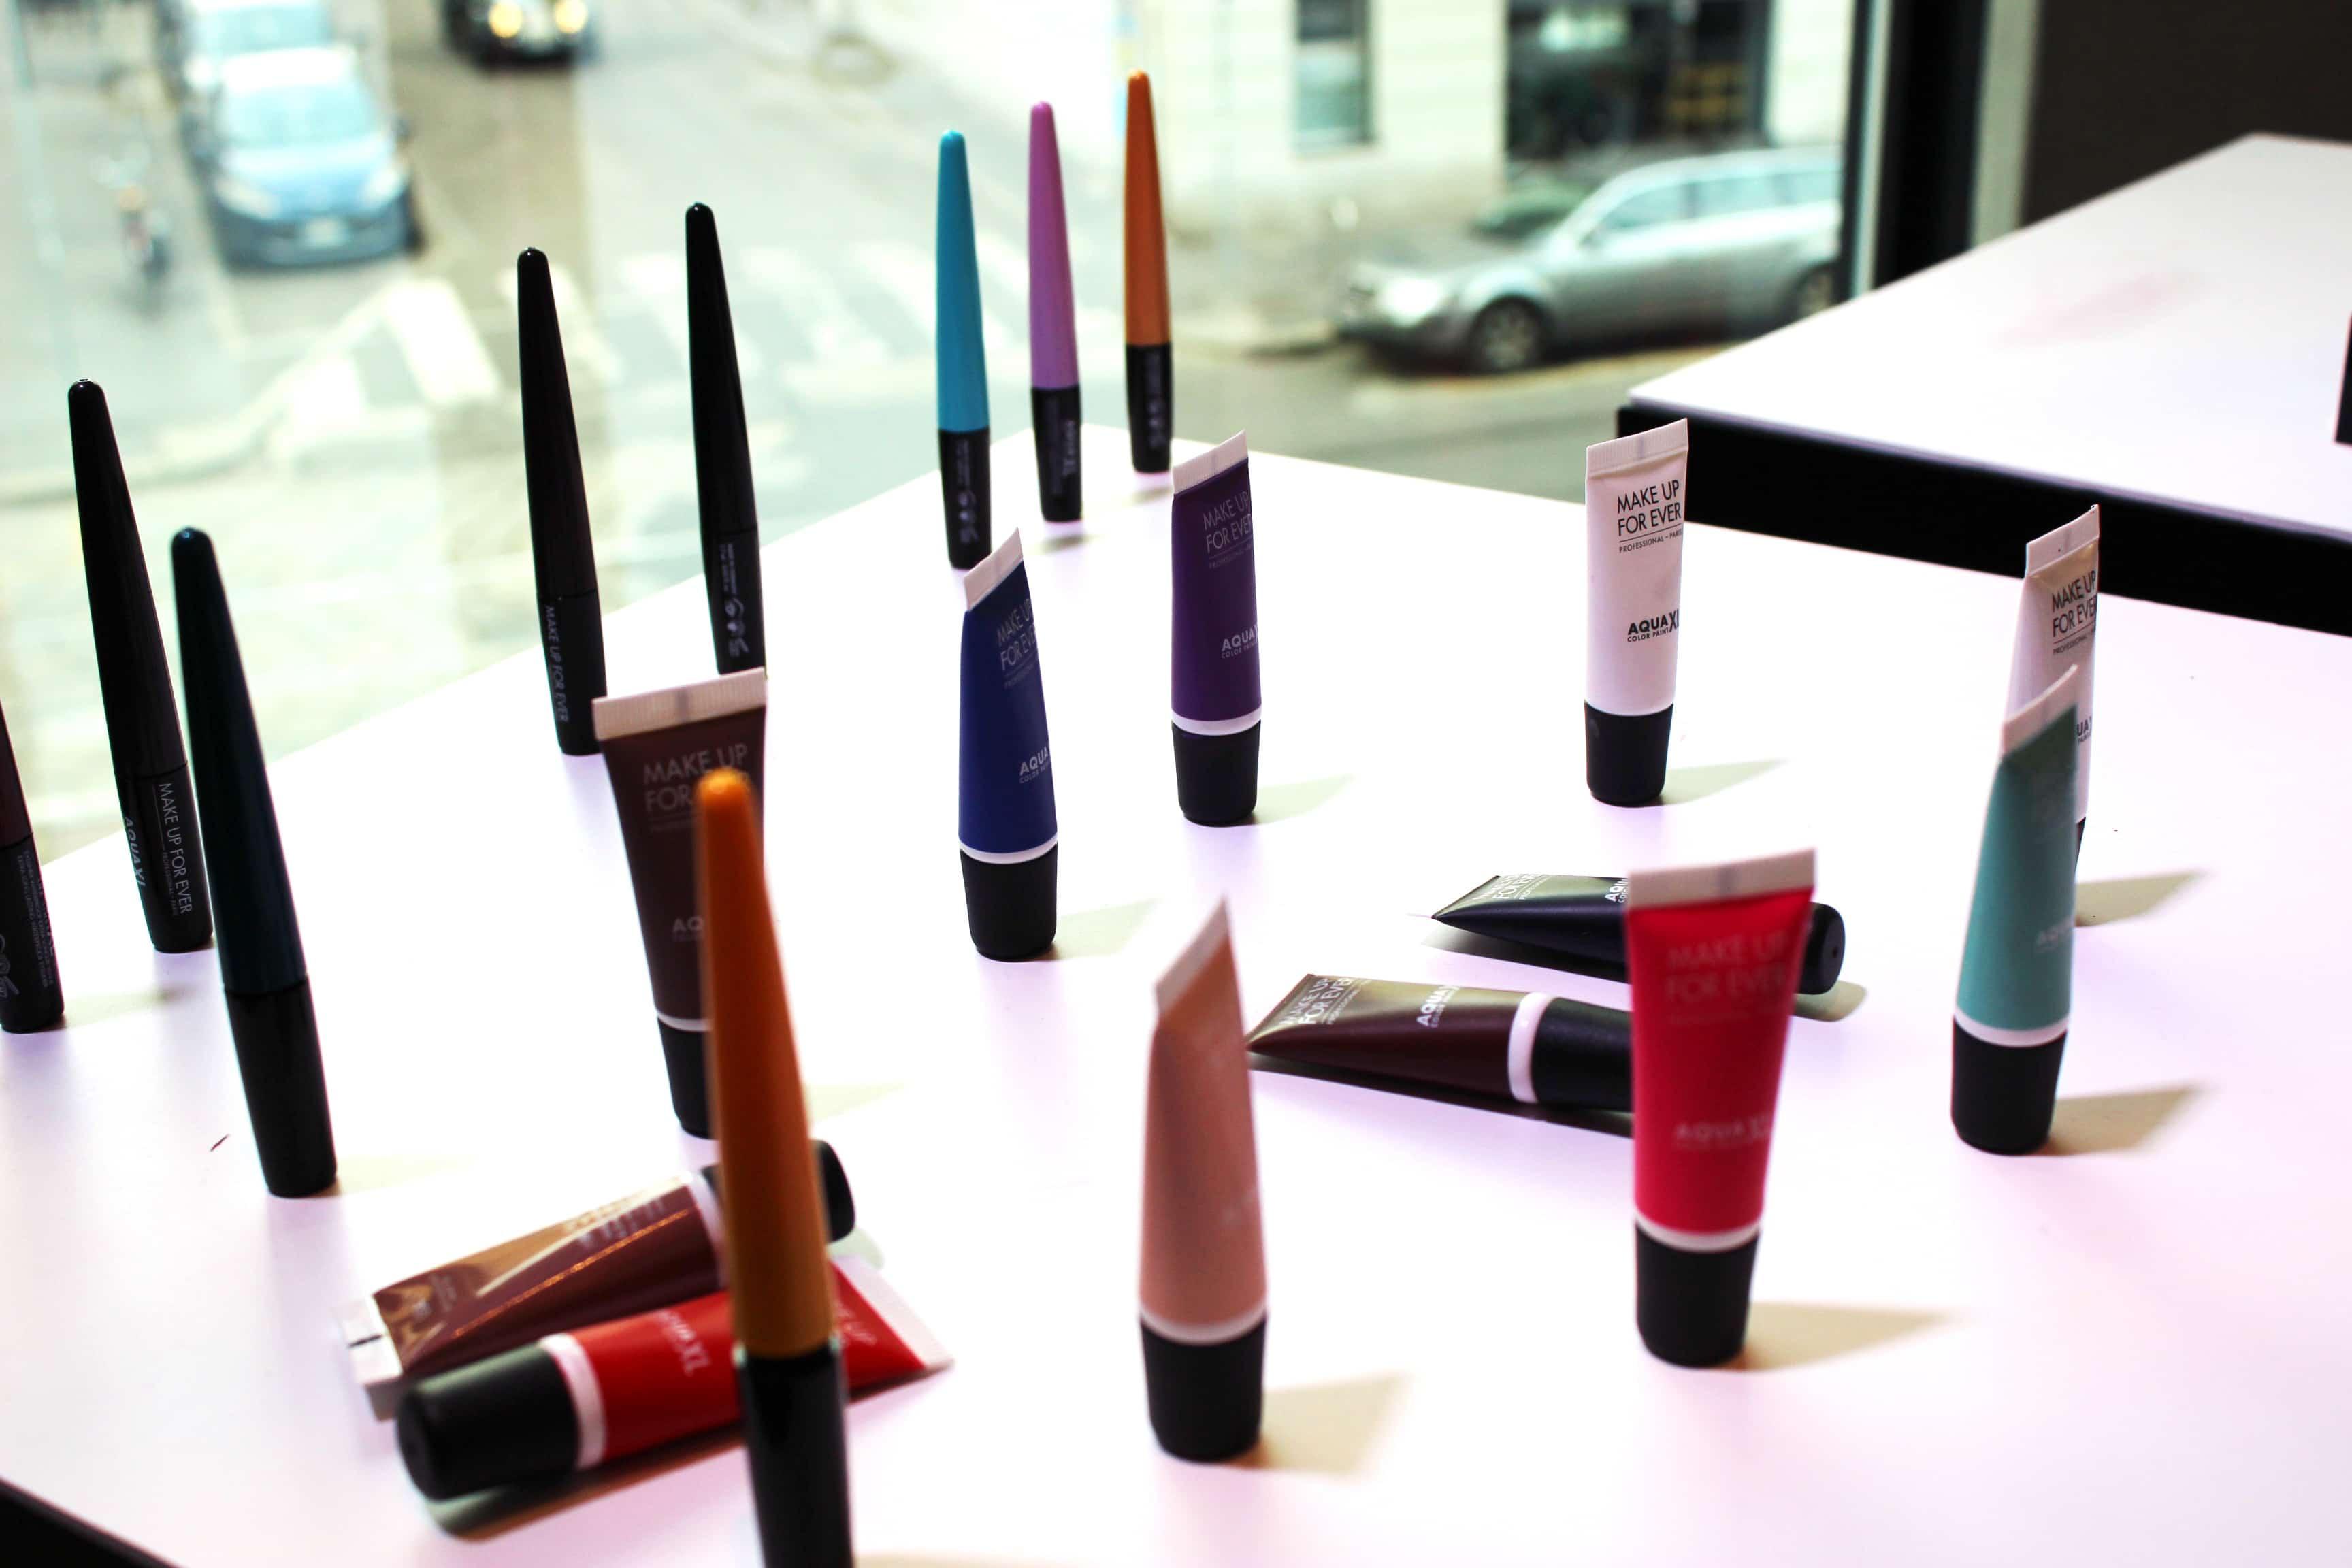 Aqua XL di Make Up For Ever arriva da Sephora con un eyeliner e degli splendidi ombretti in crema